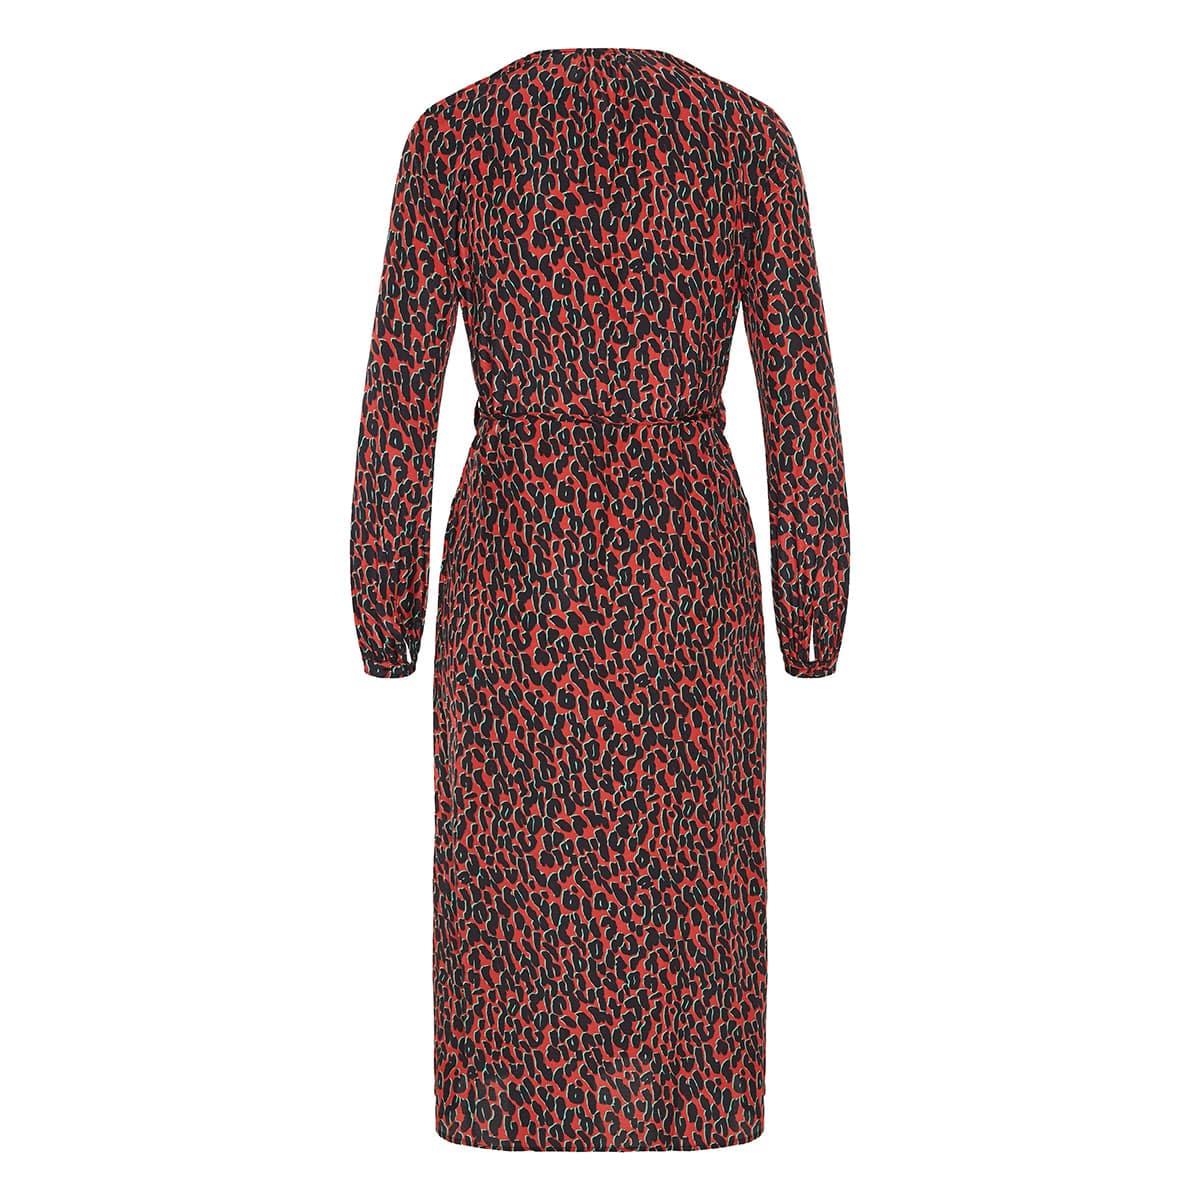 Leopard wrap midi dress